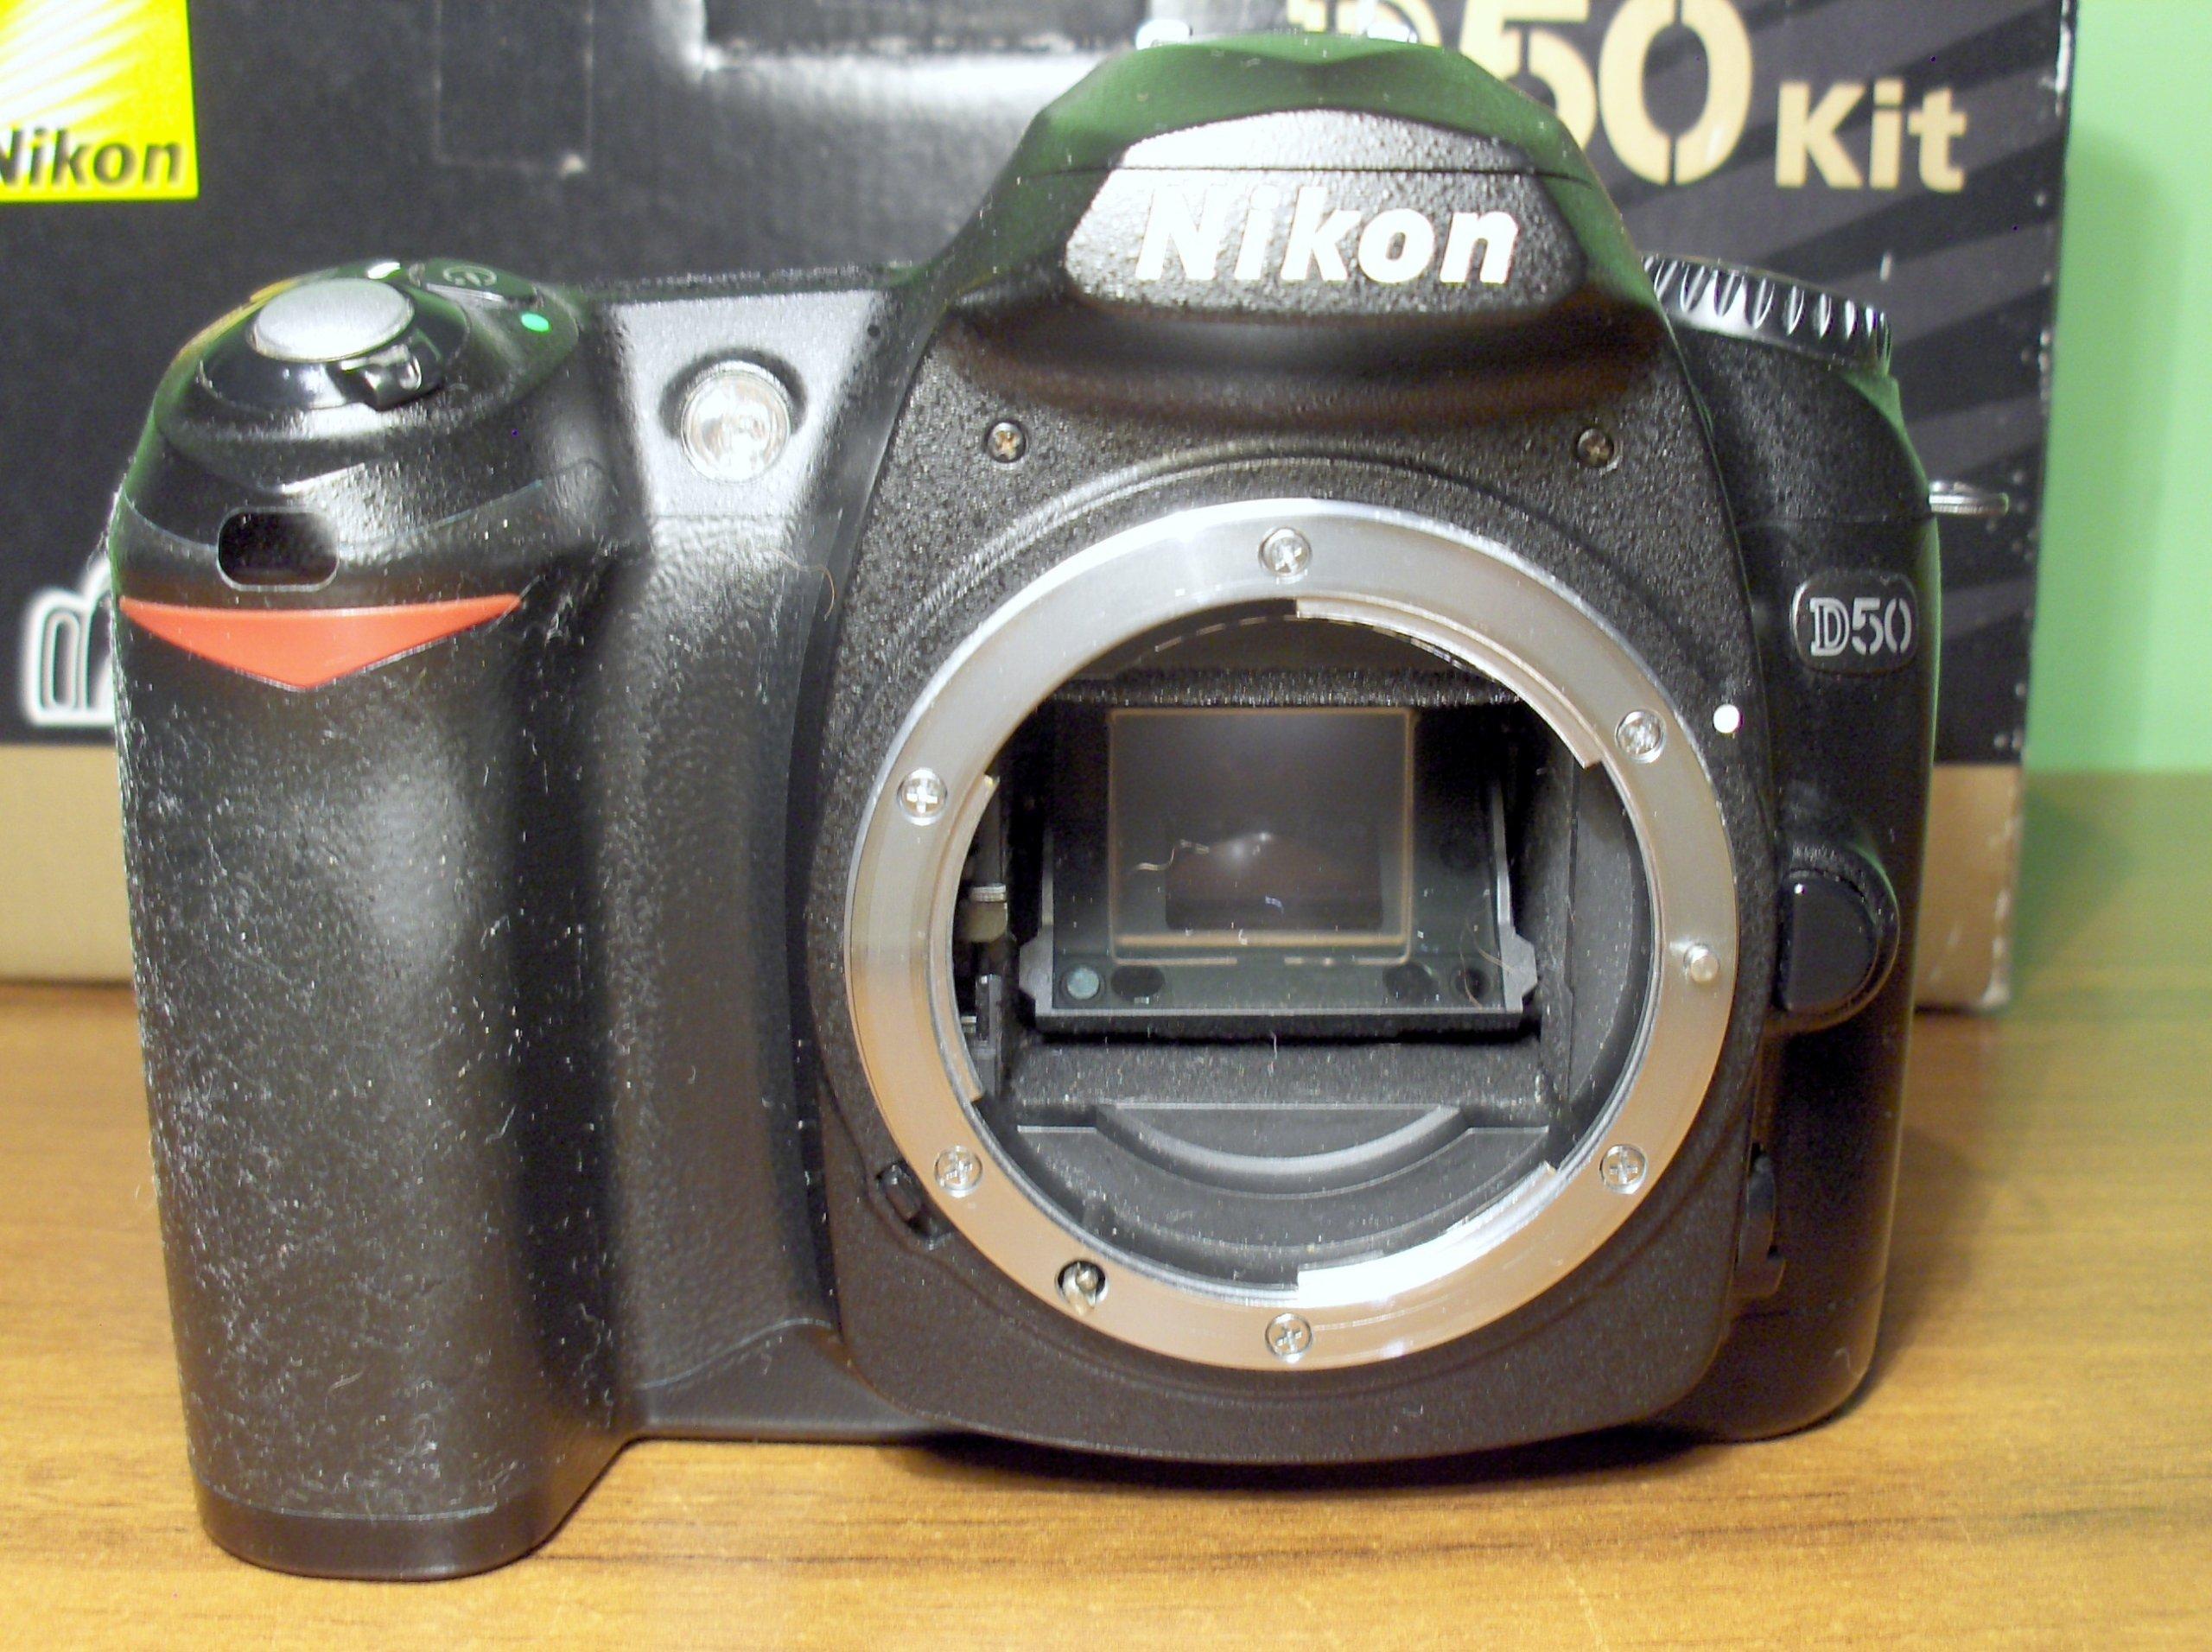 Nikon D50 uszkodzony